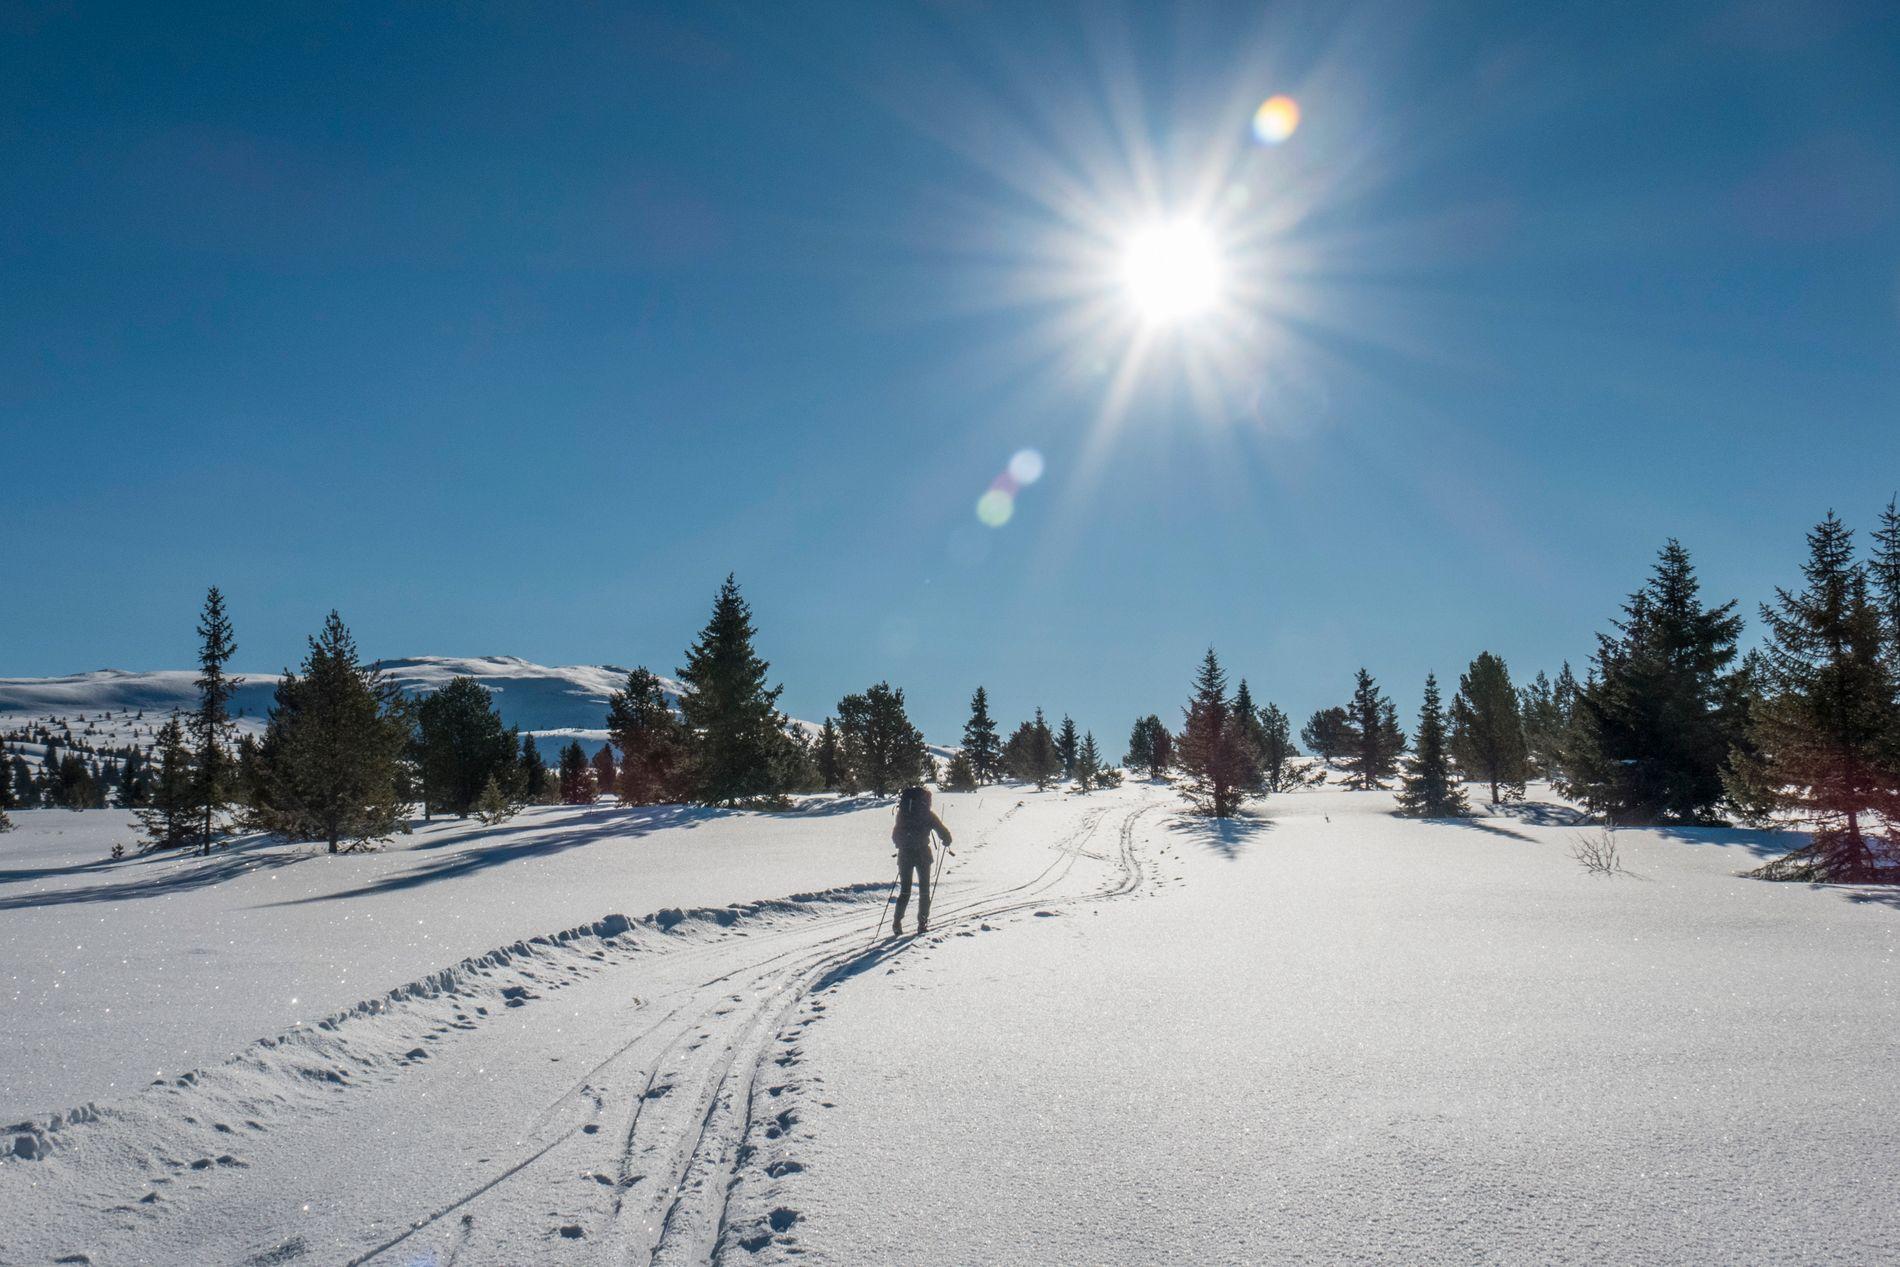 SOLSTEIK: Påsken i Sør-Norge blir varm og fin, ifølge meteorologen. Det kan bli opp mot 20 grader på Sør- og Østlandet. I Nord-Norge blir det imidlertid mer regntungt.